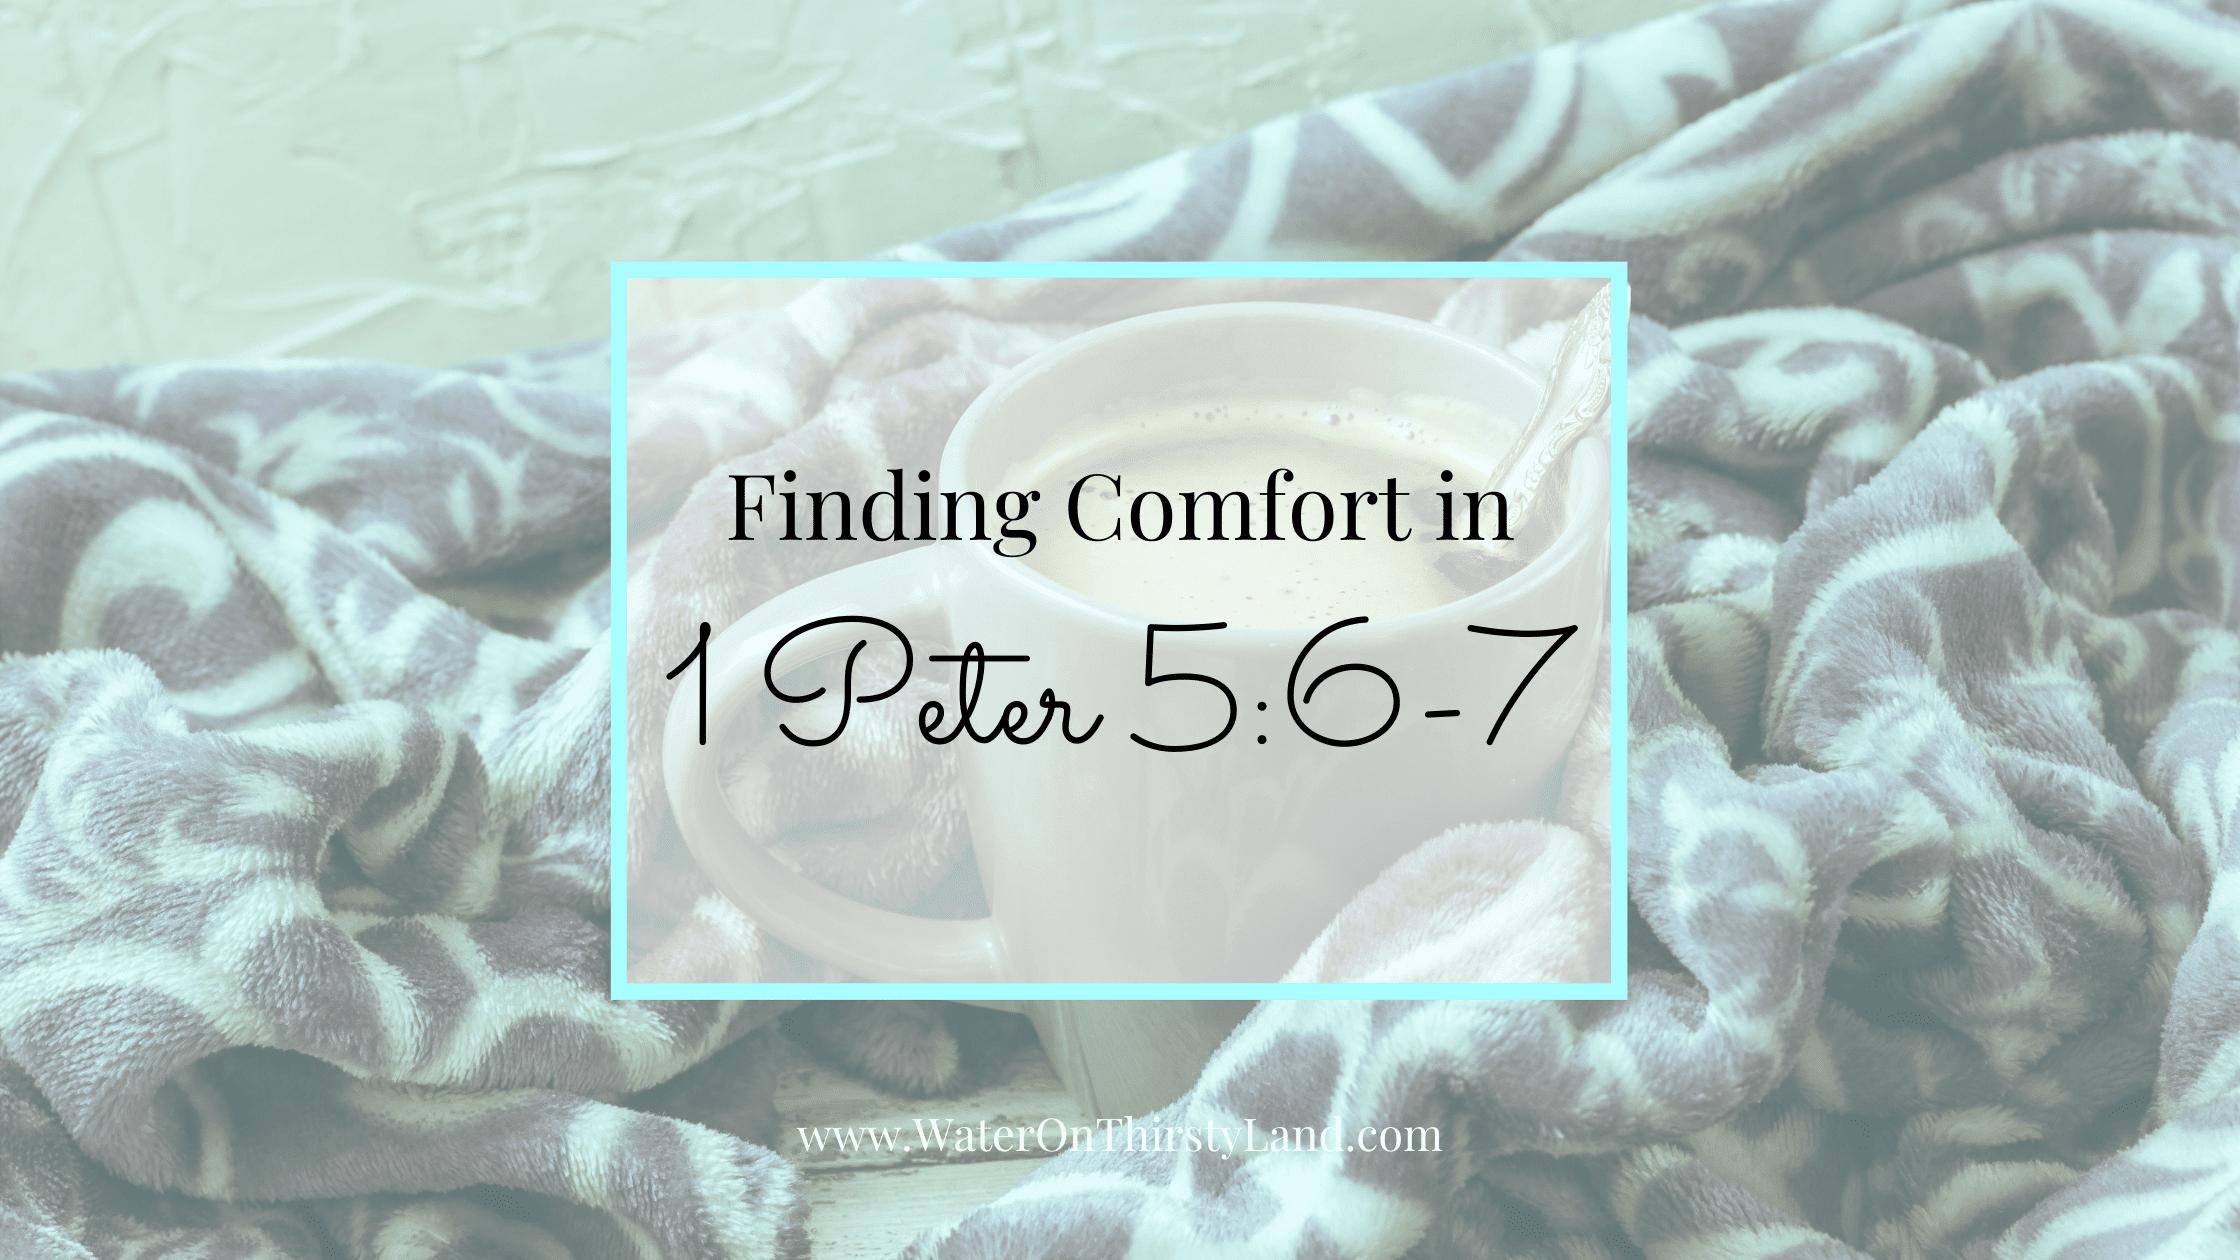 Finding Comfort in 1 Peter 5_6-7